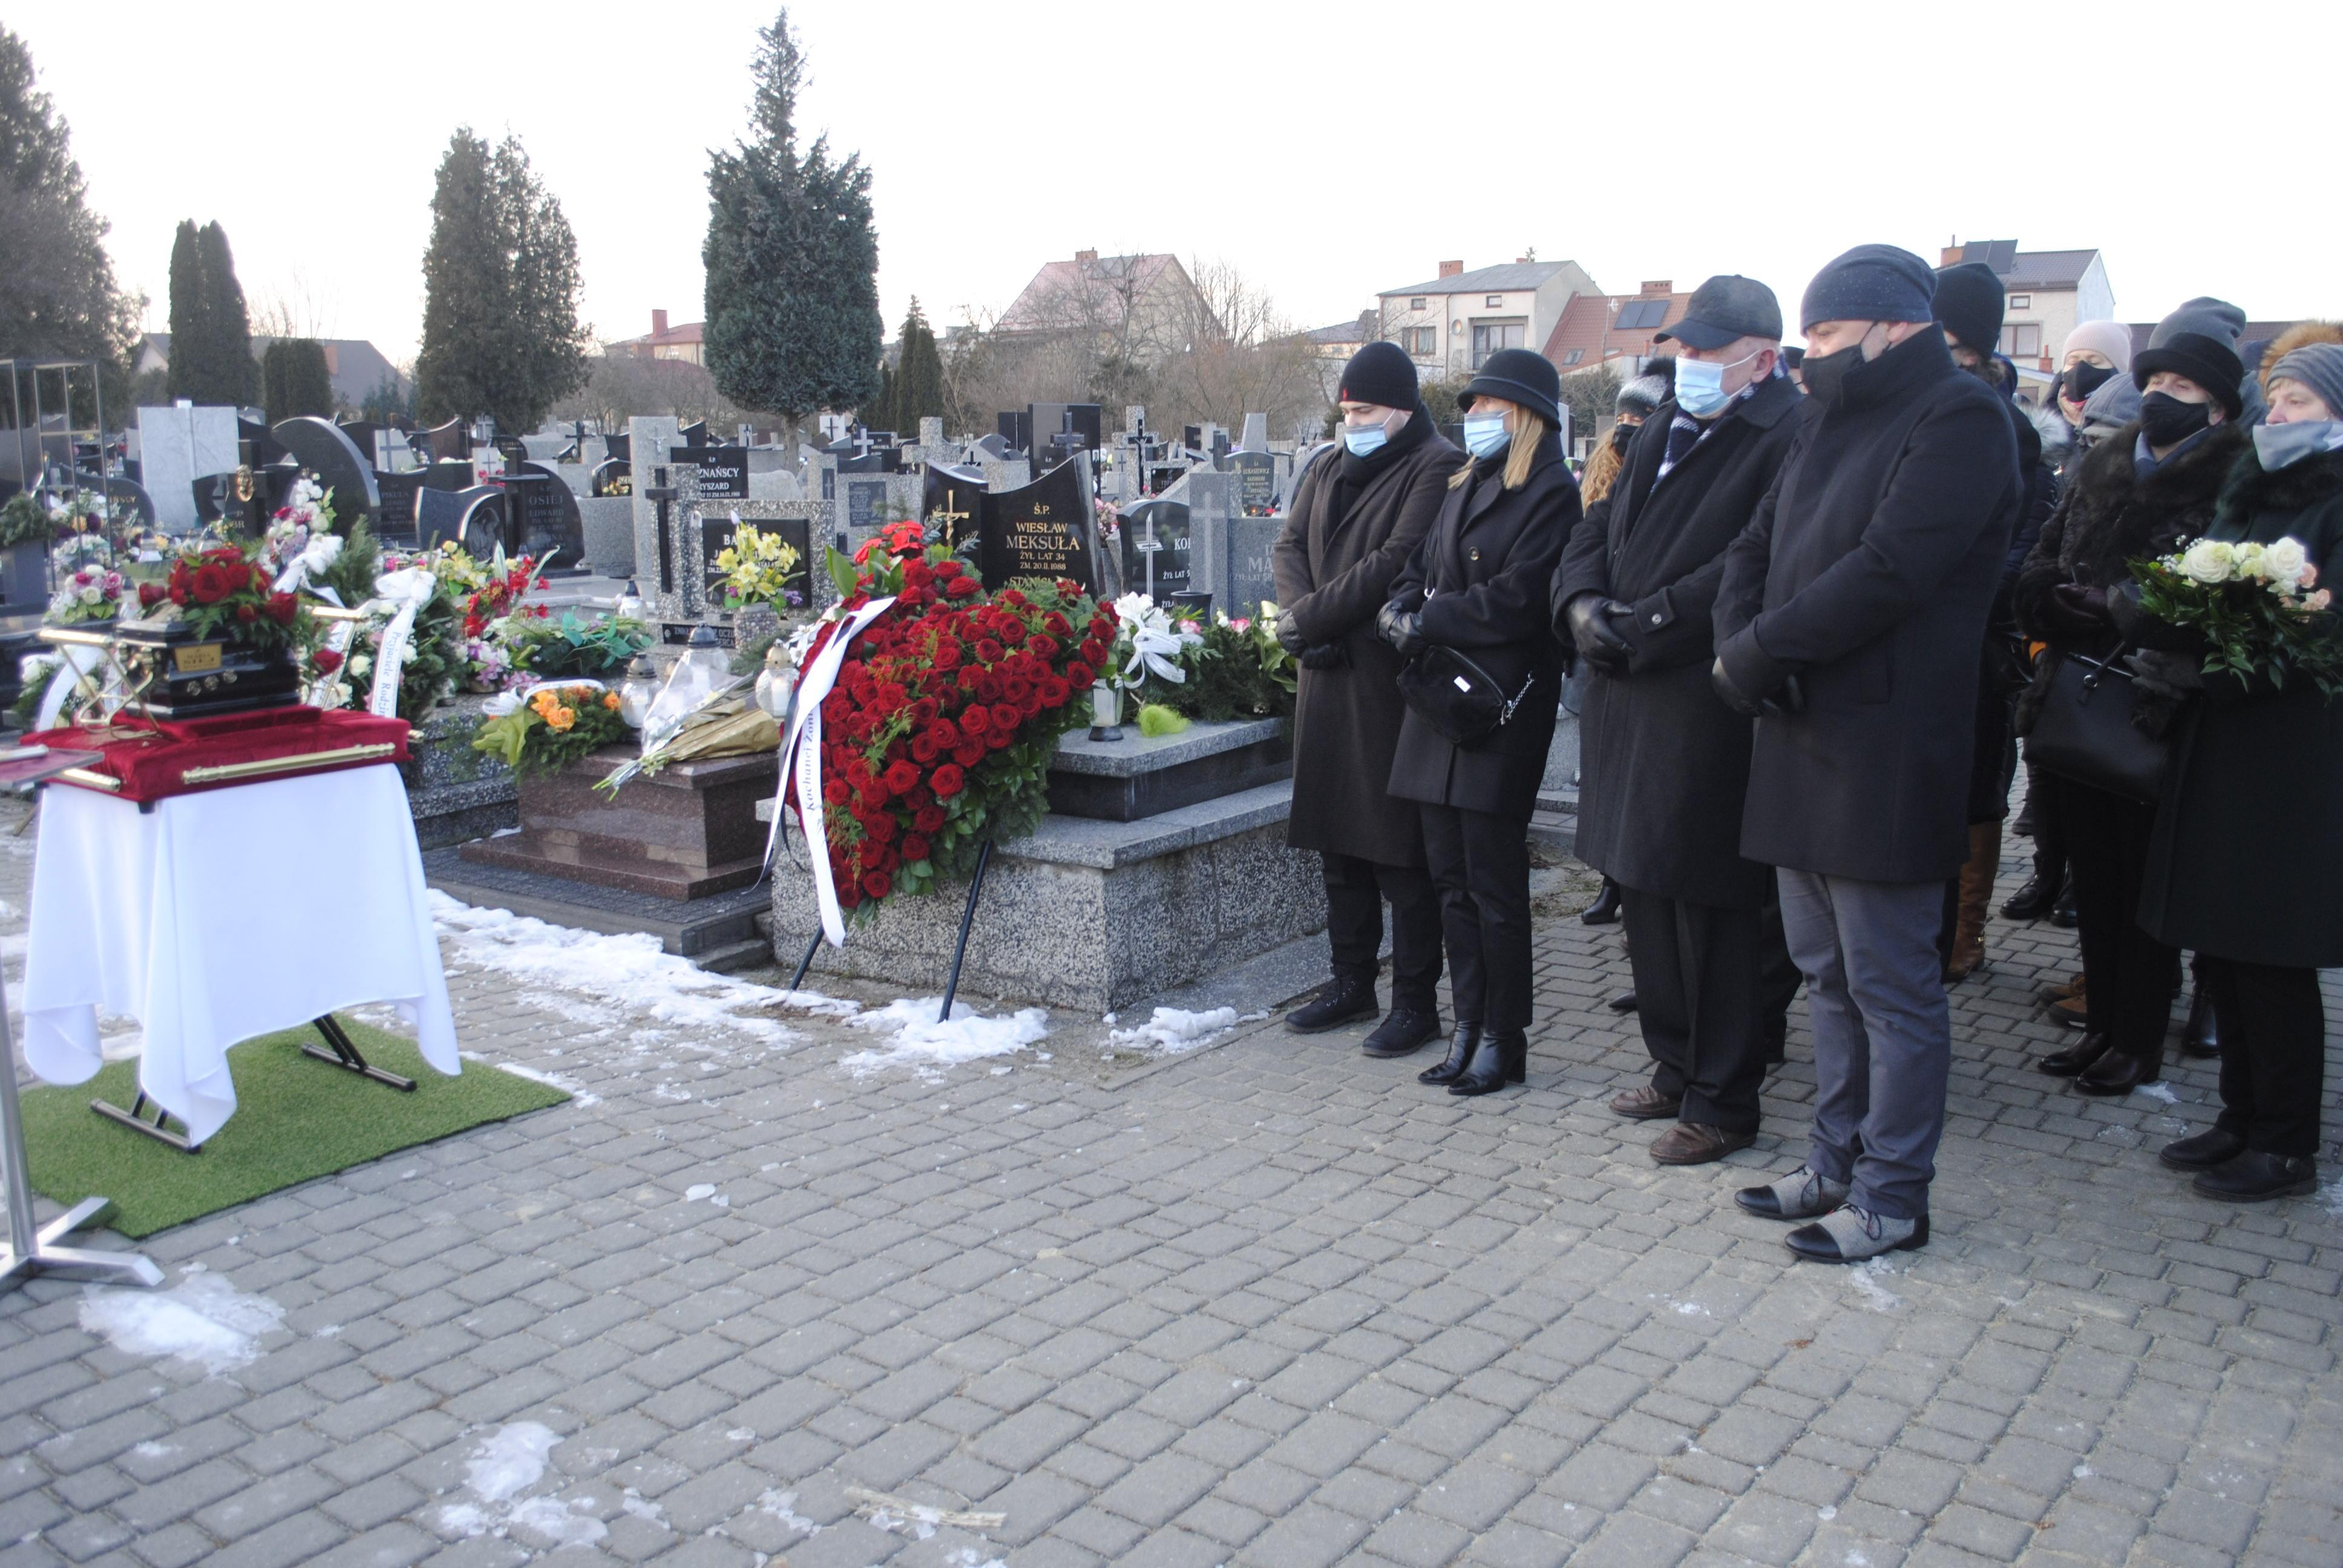 Pogrzeb Marii Siej, mistrzyni cukiernictwa z Lubartowa - Zdjęcie główne